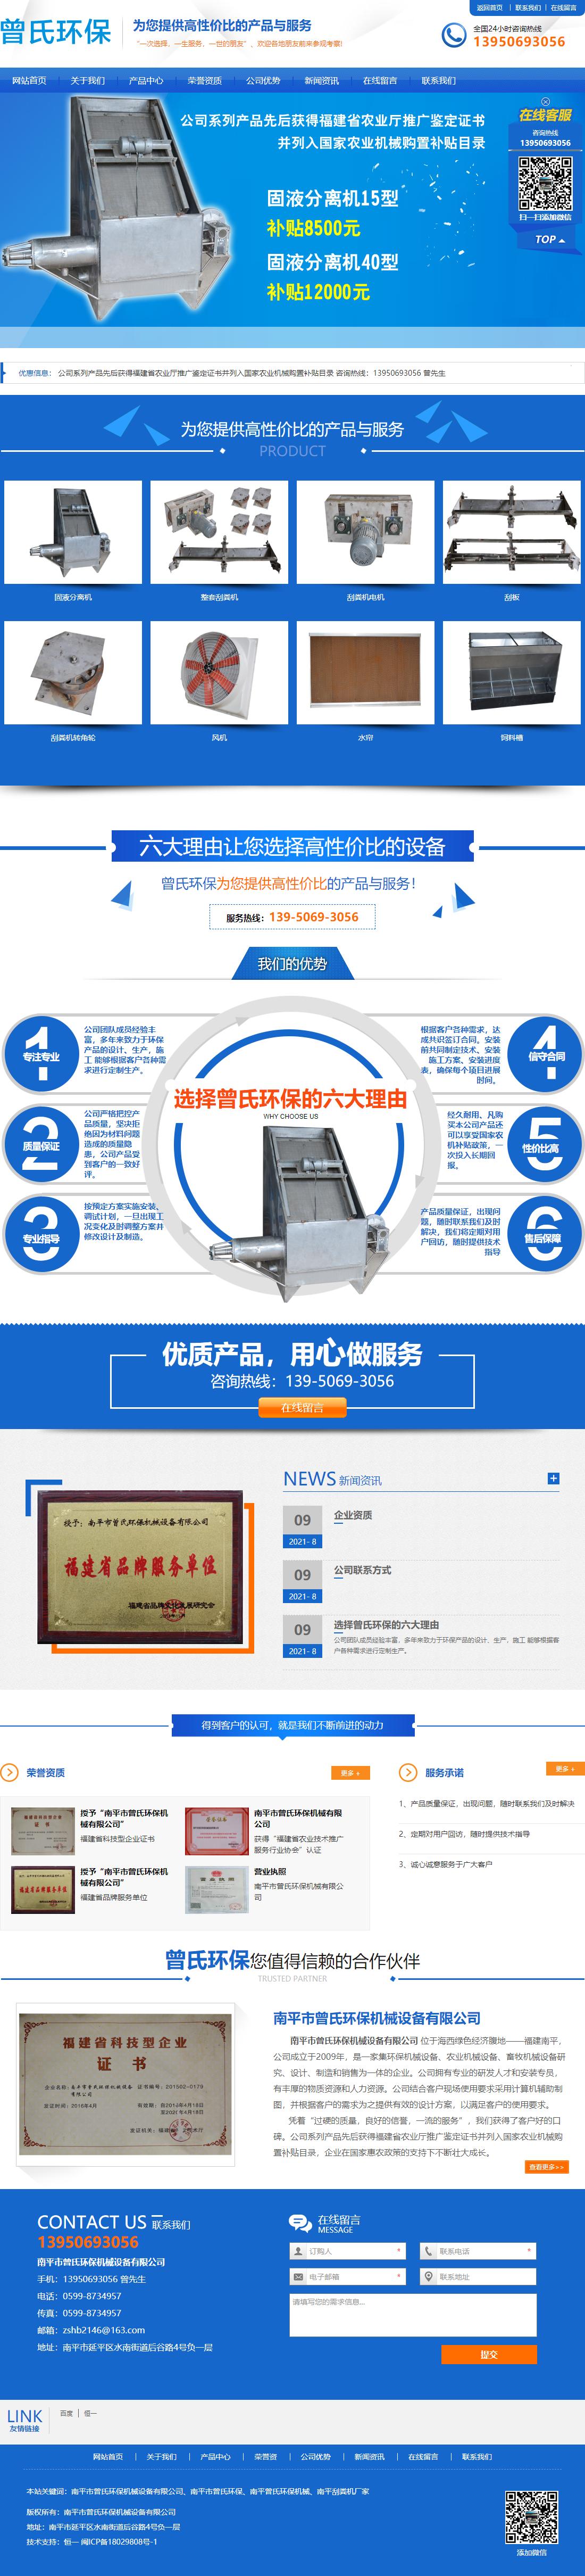 南平市曾氏环保机械设备有限公司网站案例